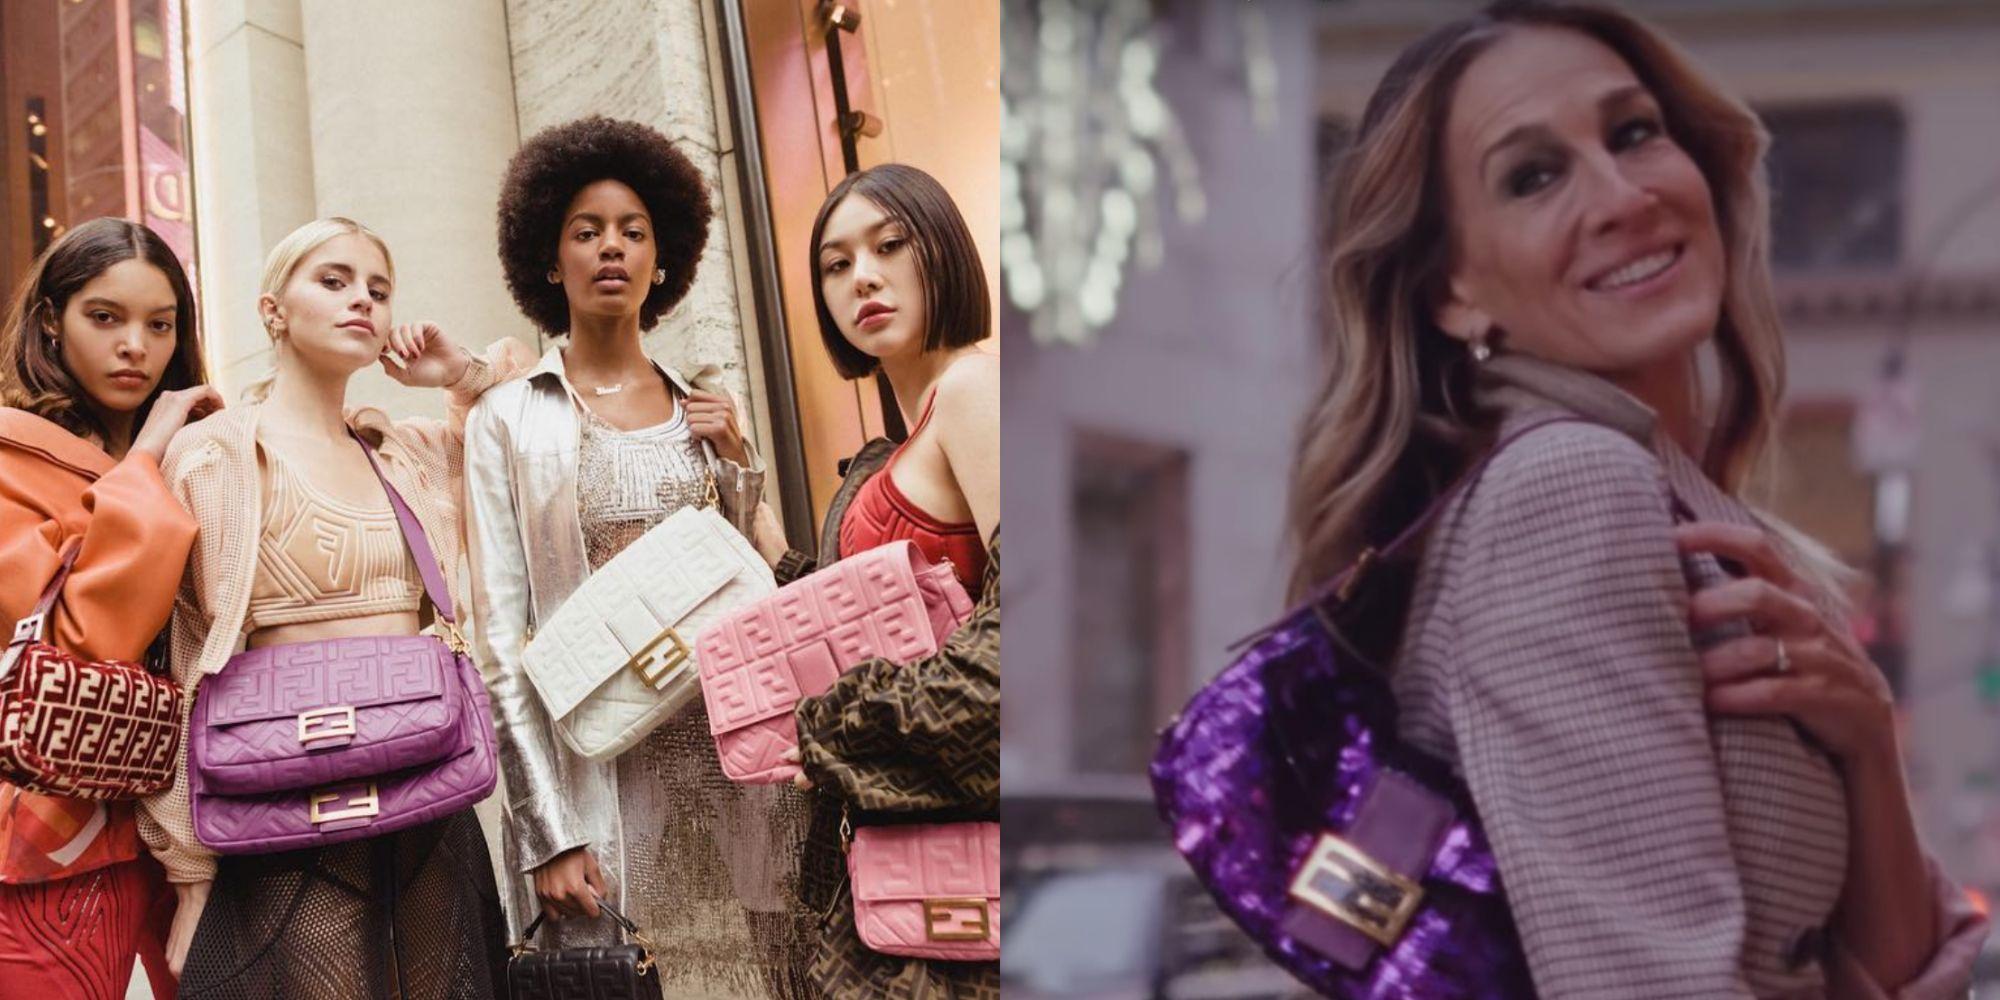 【紐約時裝週】FENDI 就為這顆包包辦派對!重現《慾望城市》經典橋段還請出凱莉布雷蕭用一句話打趴女星部落客